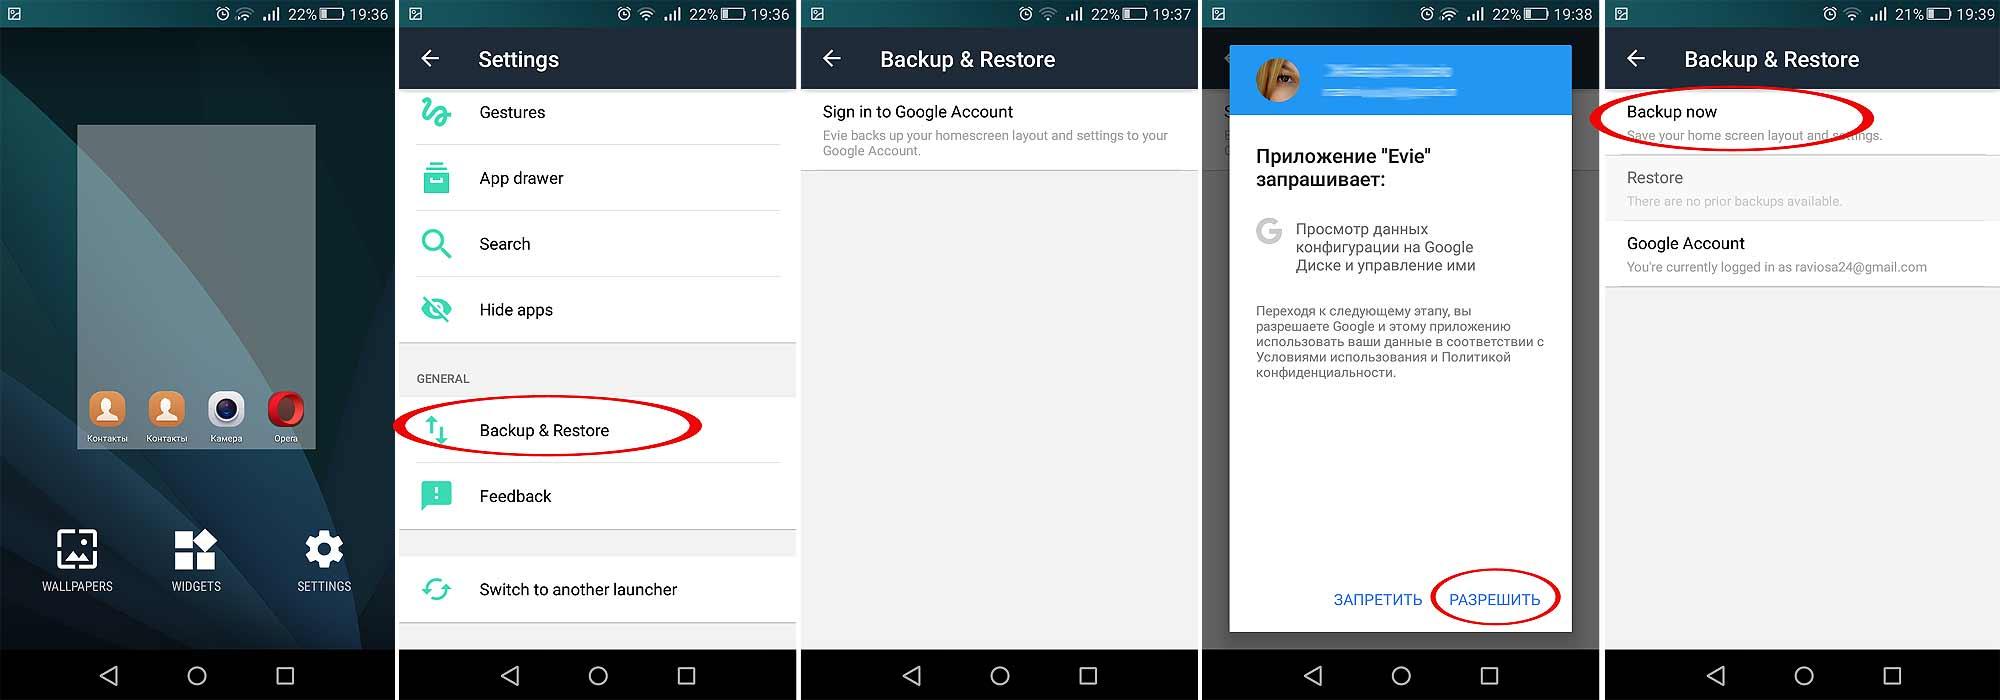 Как сделать резервную копию (бэкап) на Андроид 67